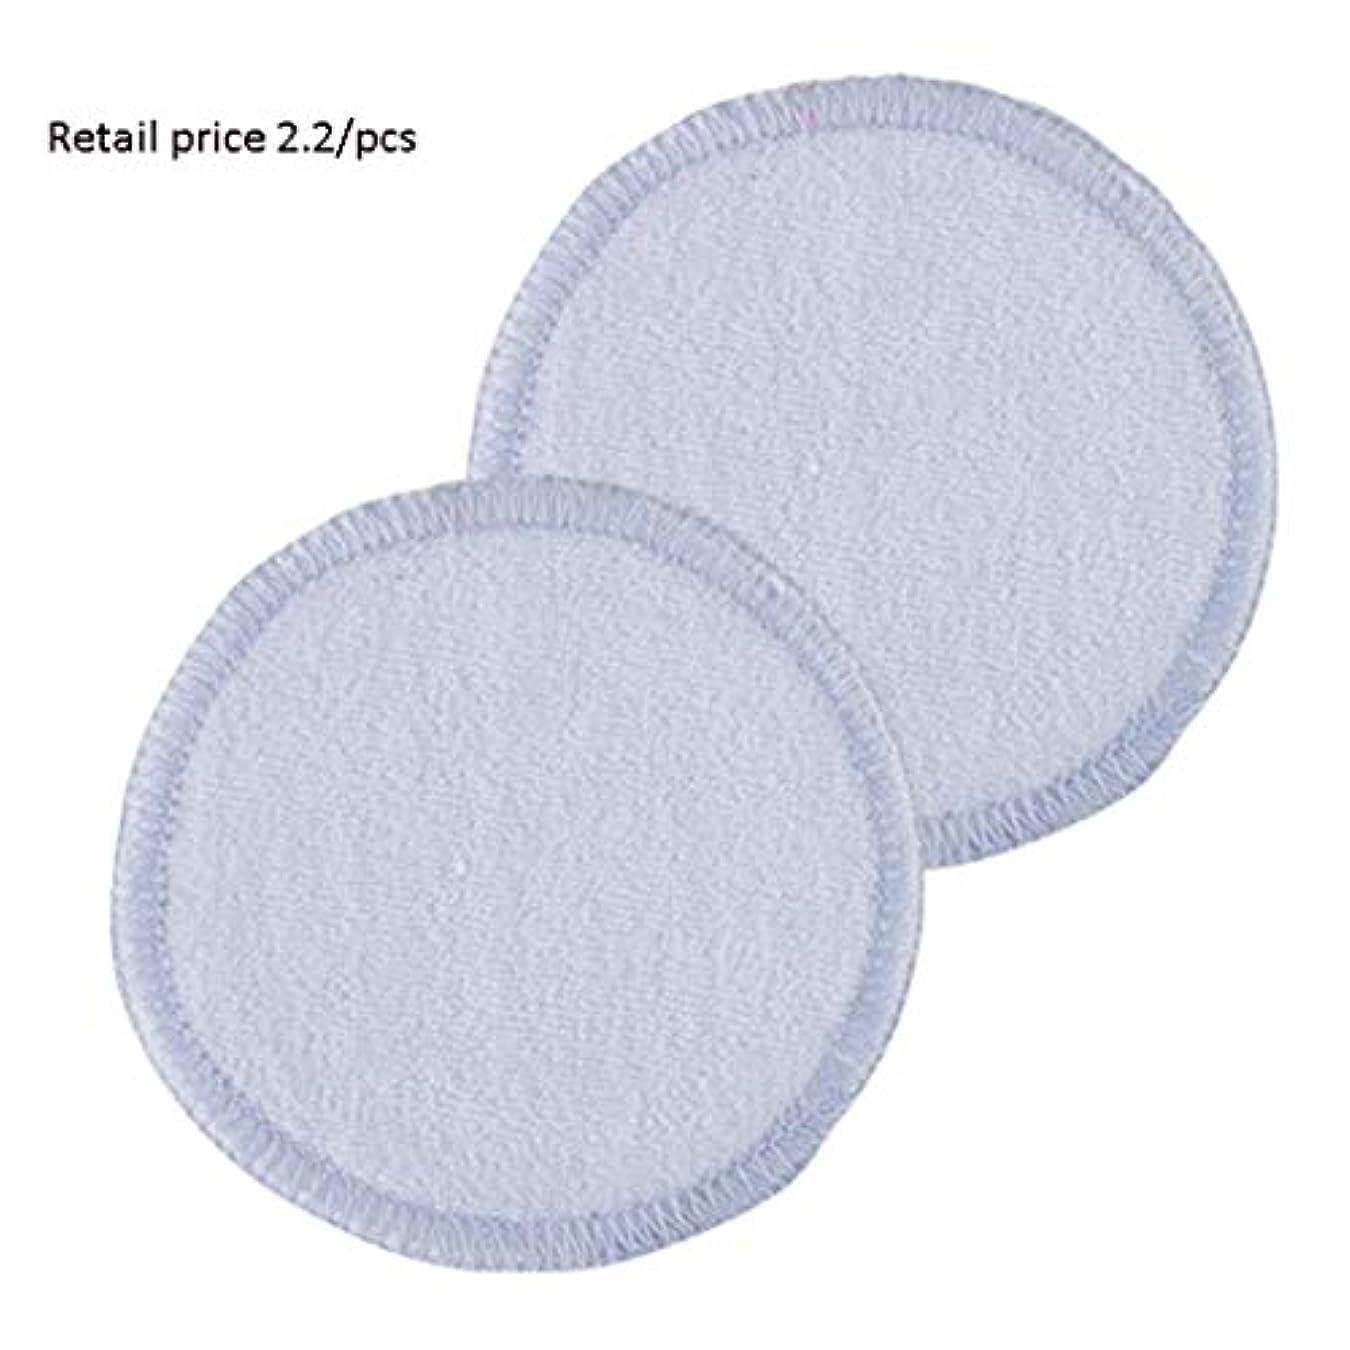 クレンジングシート 再利用可能な洗える8センチラウンドクレンジングコットンパッド、収納バッグ付き4色、ランドリー製品用スキンケア製品 (Color : Blue, サイズ : 8cm)